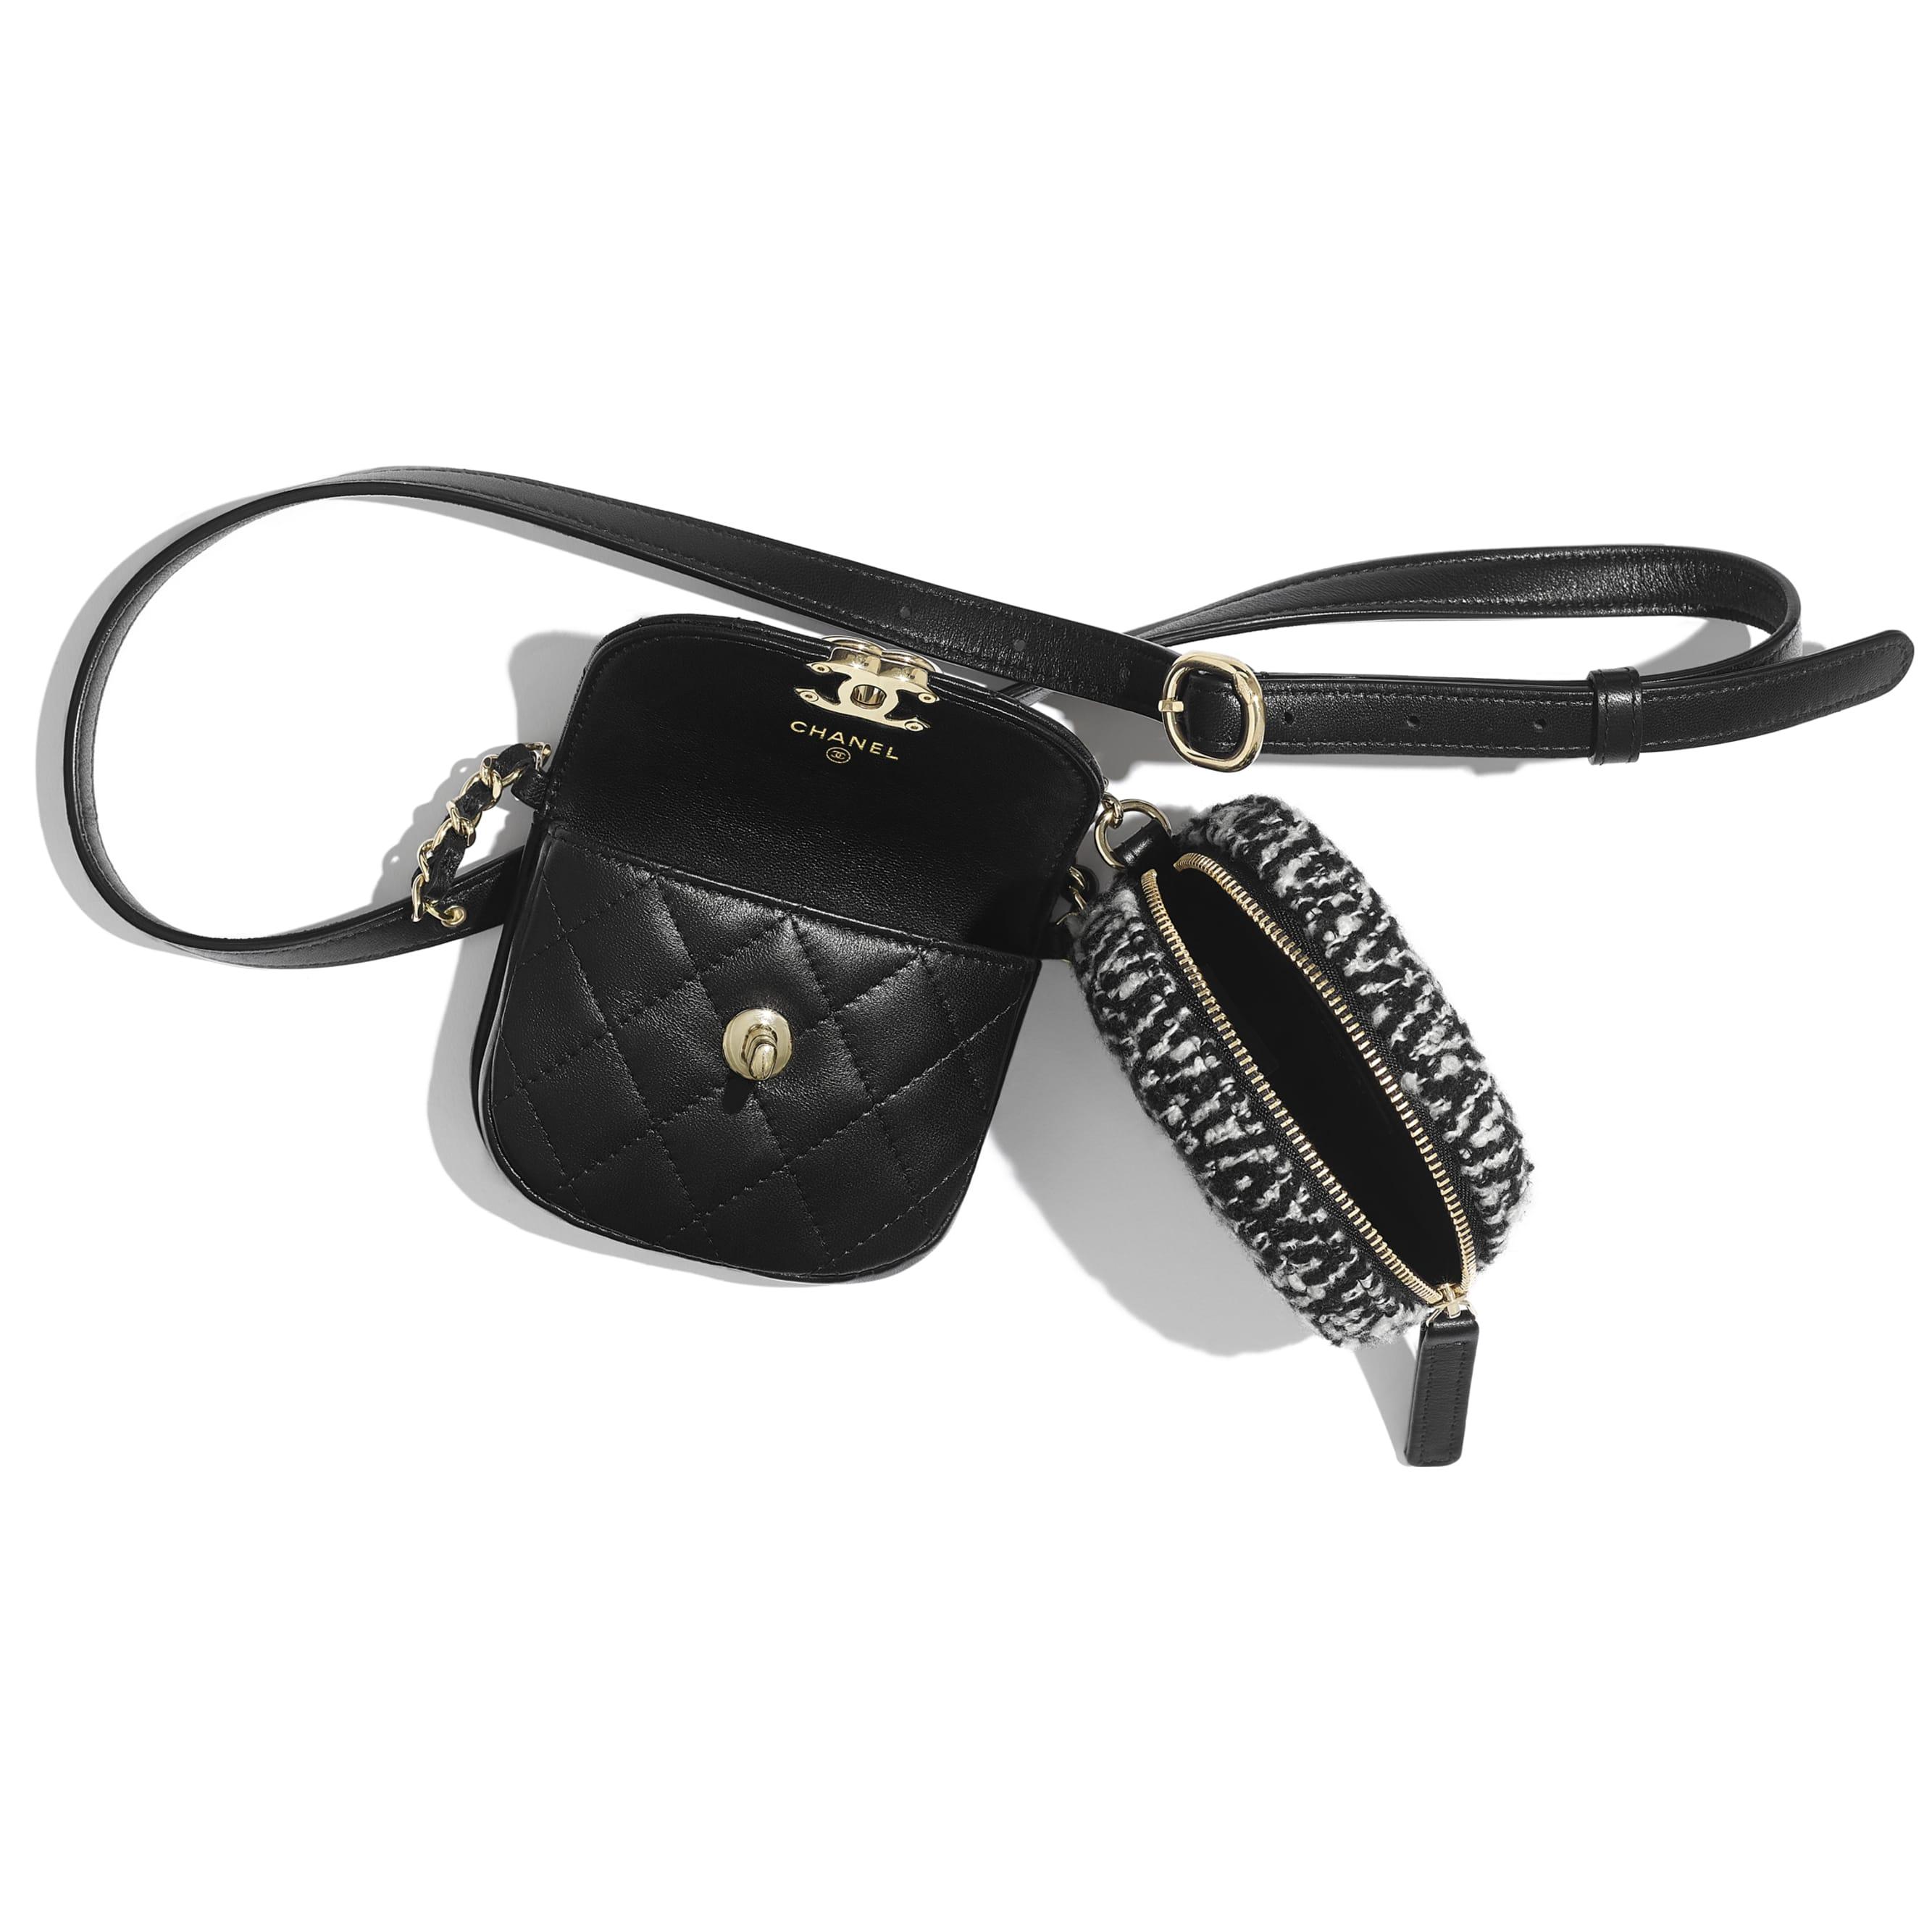 Поясная сумка с кошельком для монет - Черный и белый - Кожа ягненка, твид и золотистый металл - Другое изображение - посмотреть изображение стандартного размера